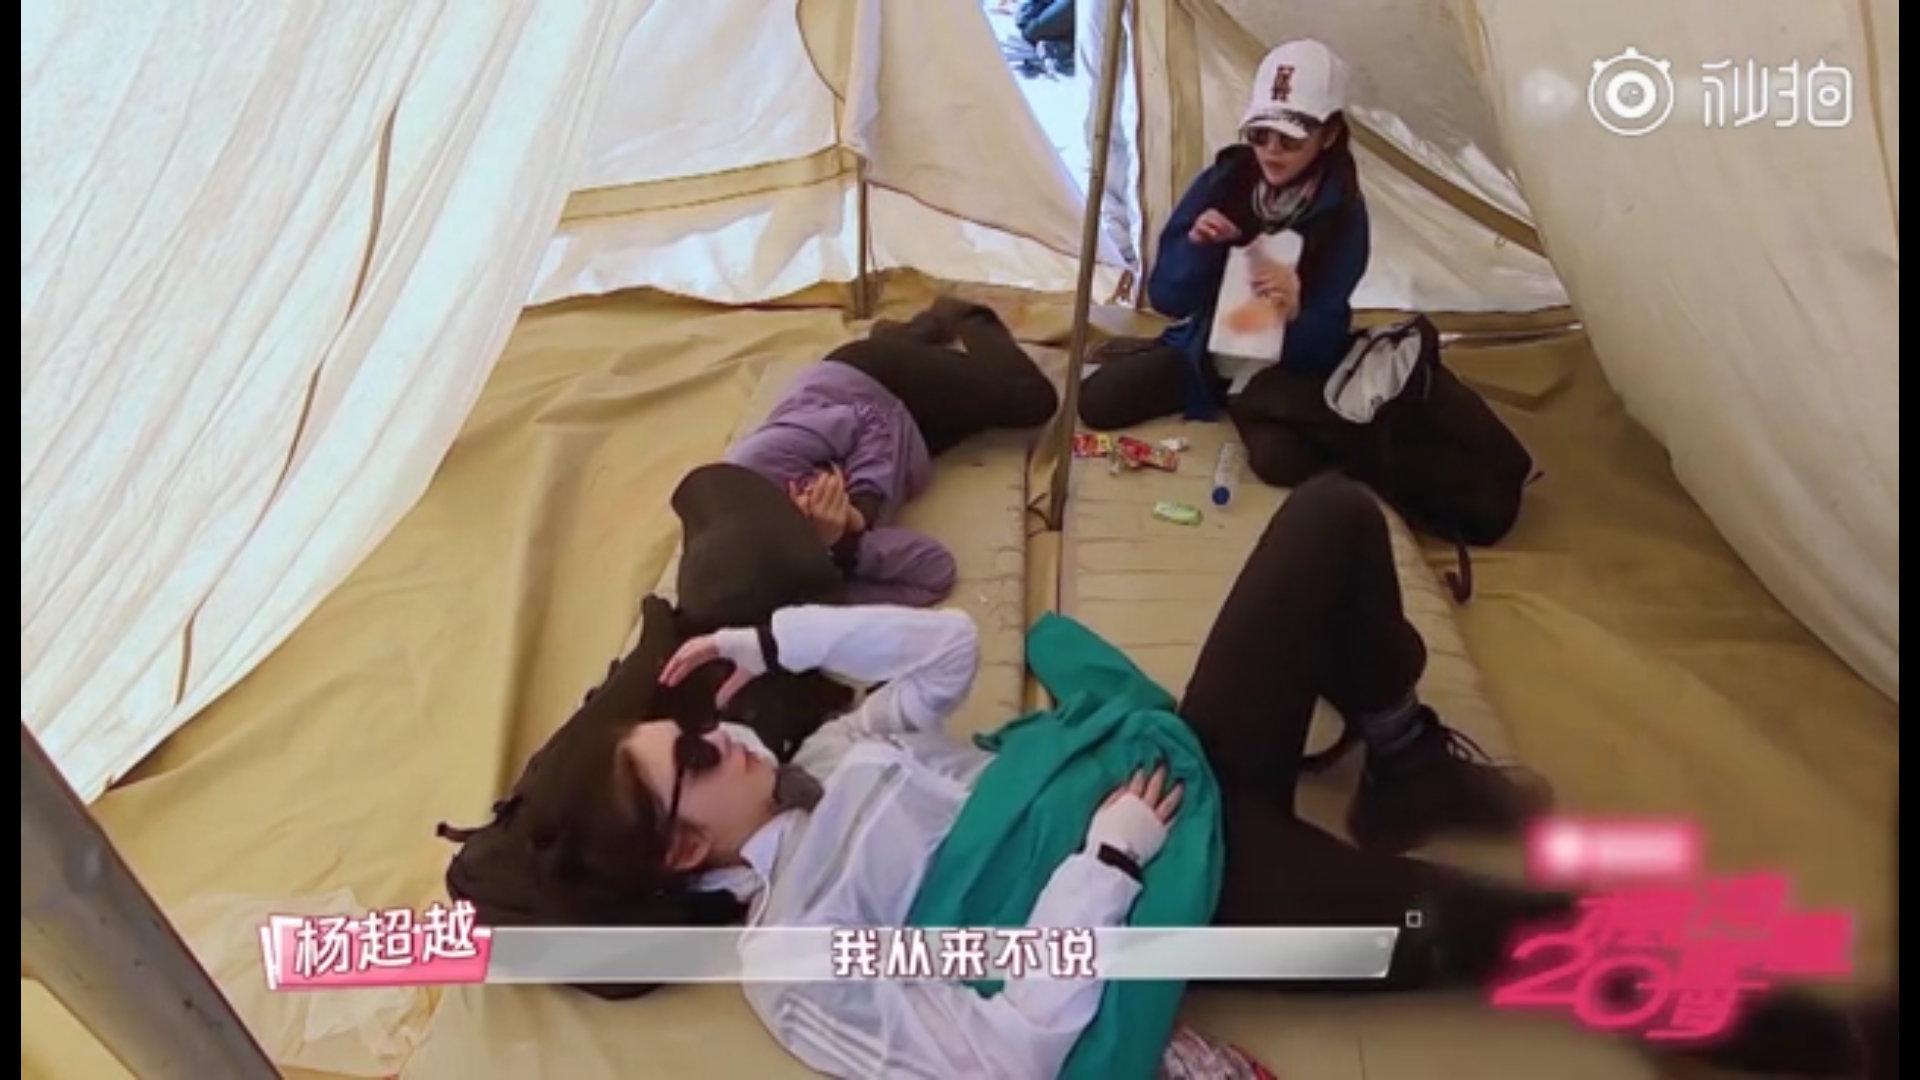 《横冲直撞20岁》:杨超越的一番袒露,值得每个人深思!